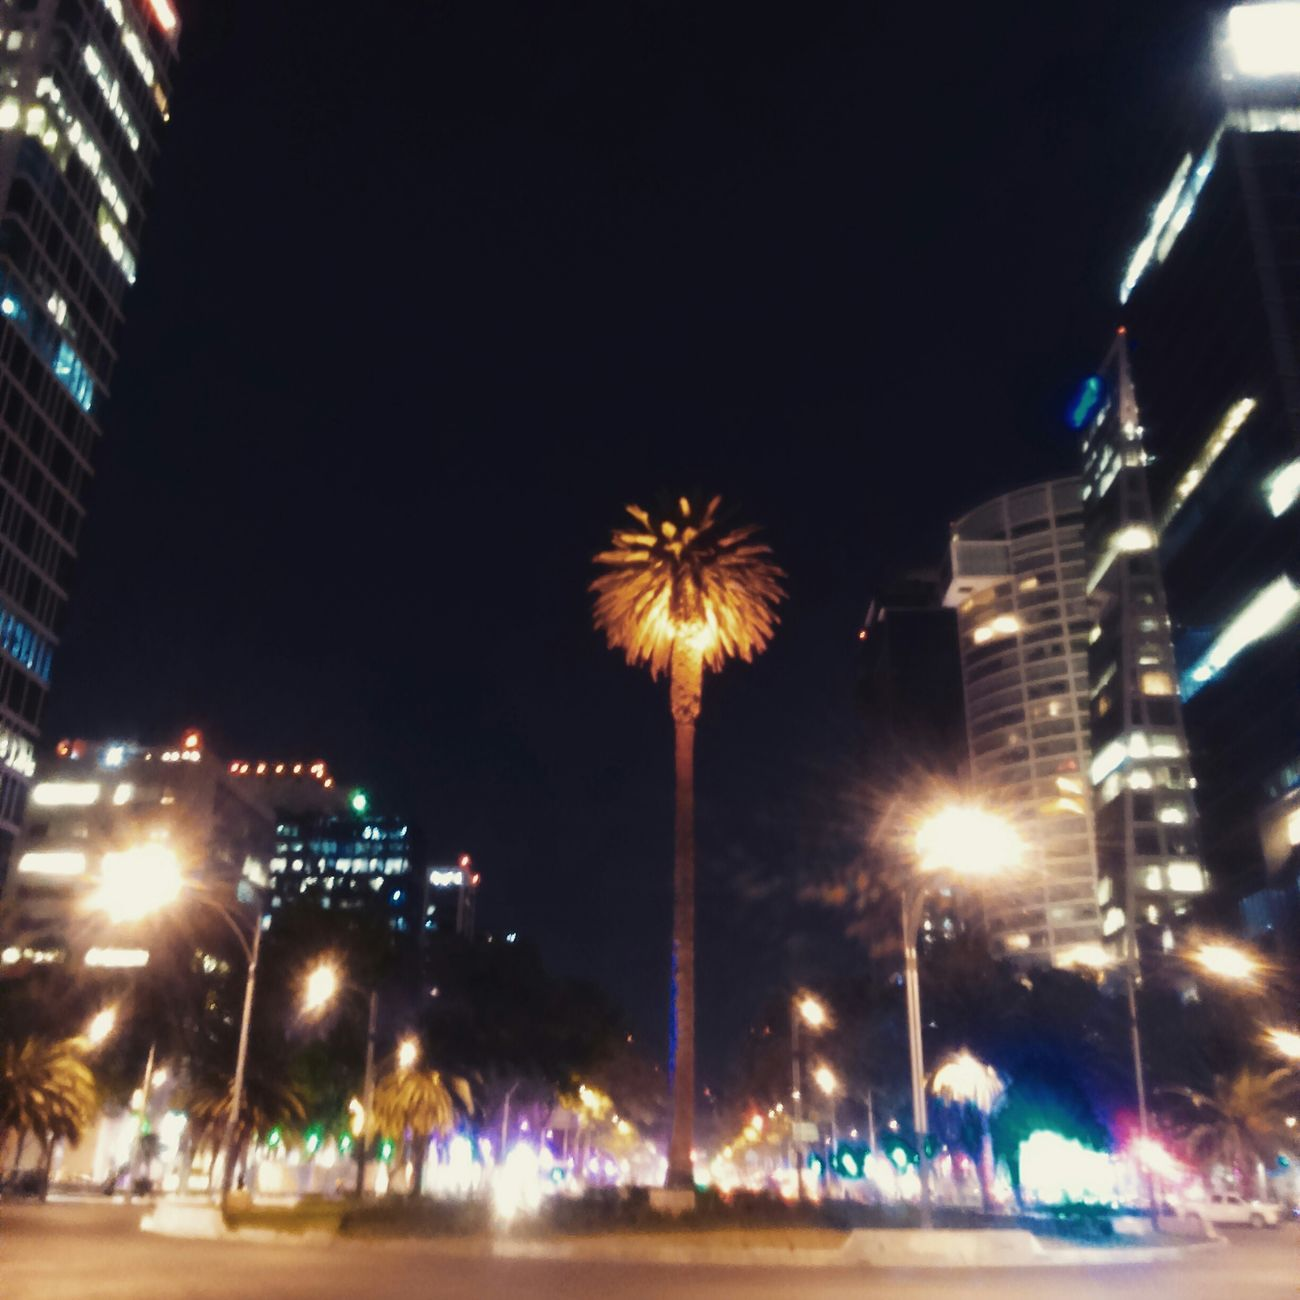 LaPalma Reforma PaseoNocturnoEnBici y esta imagen no es un cliché de tantas fotos de la torre latino o el palacio de bellas artes.